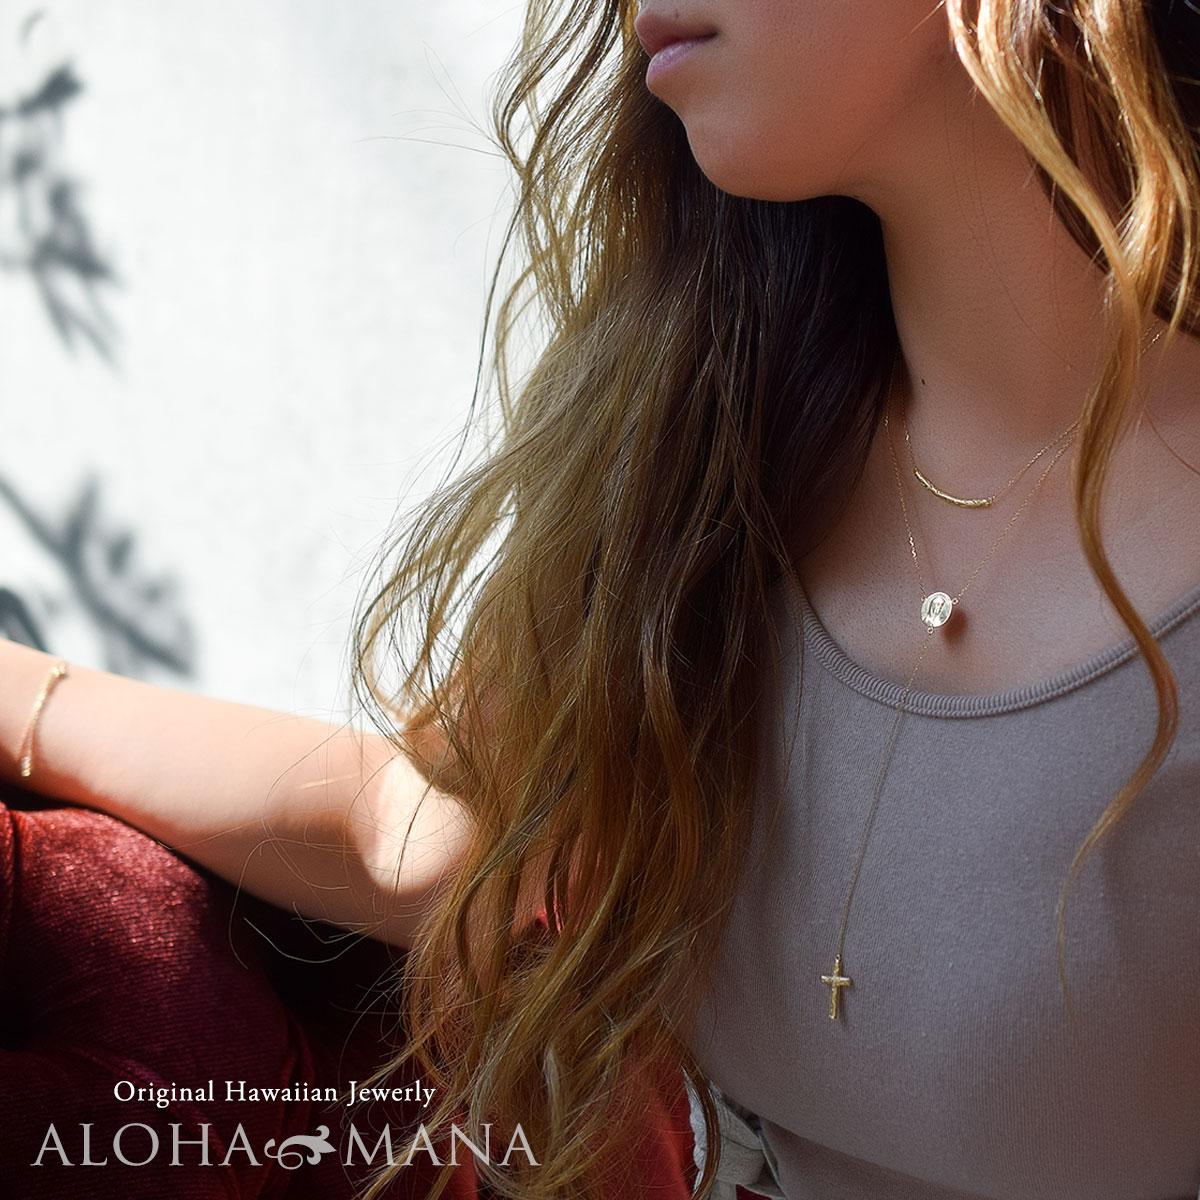 ロザリオ ハワイアンジュエリー アクセサリー レディース 女性 メンズ 男性 K14 ロザリオ wne1527